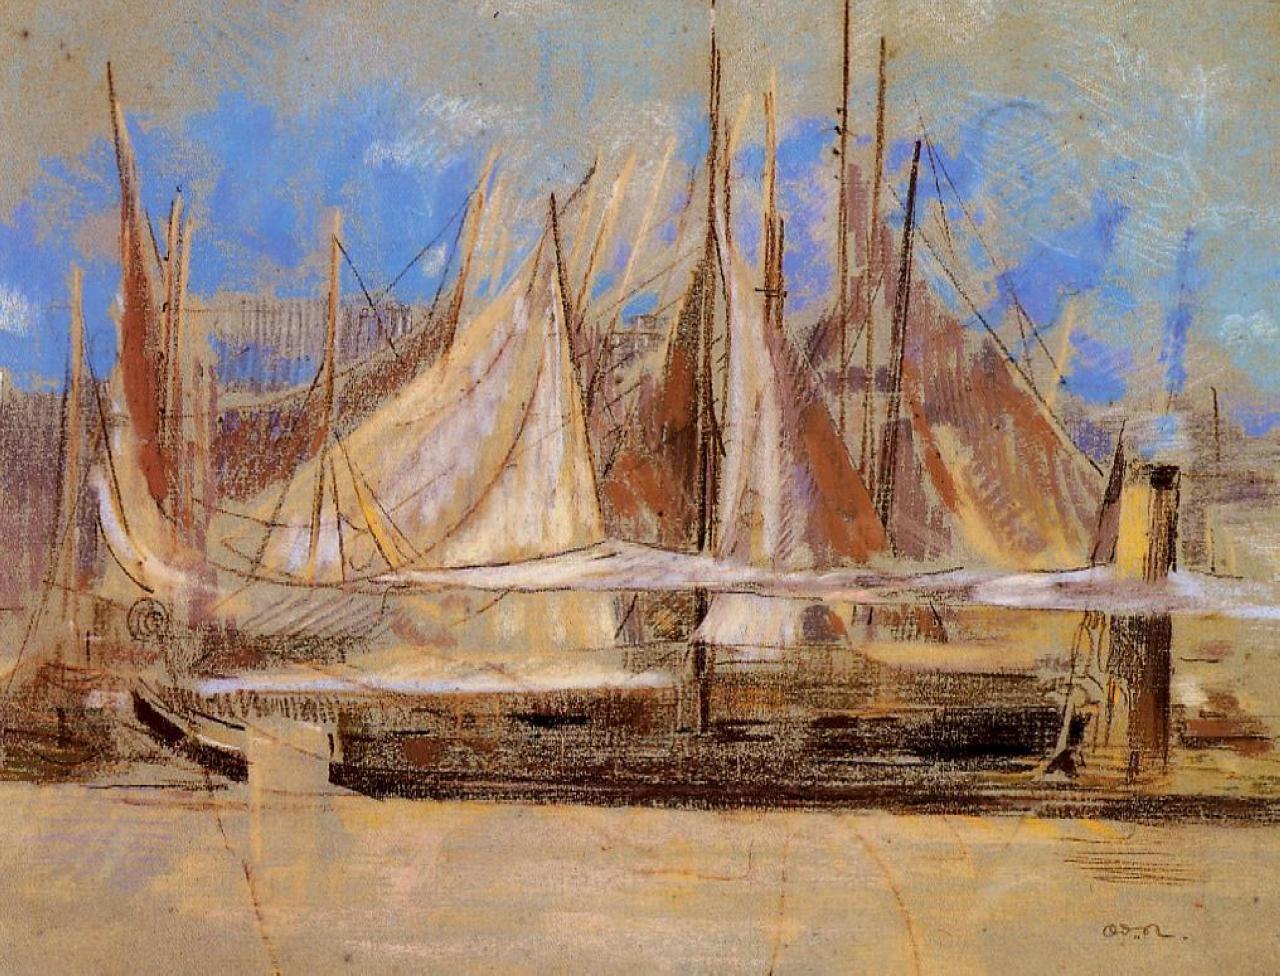 Yachts at Royan - Odilon Redon. Artist: Odilon Redon. Completion Date: 1902